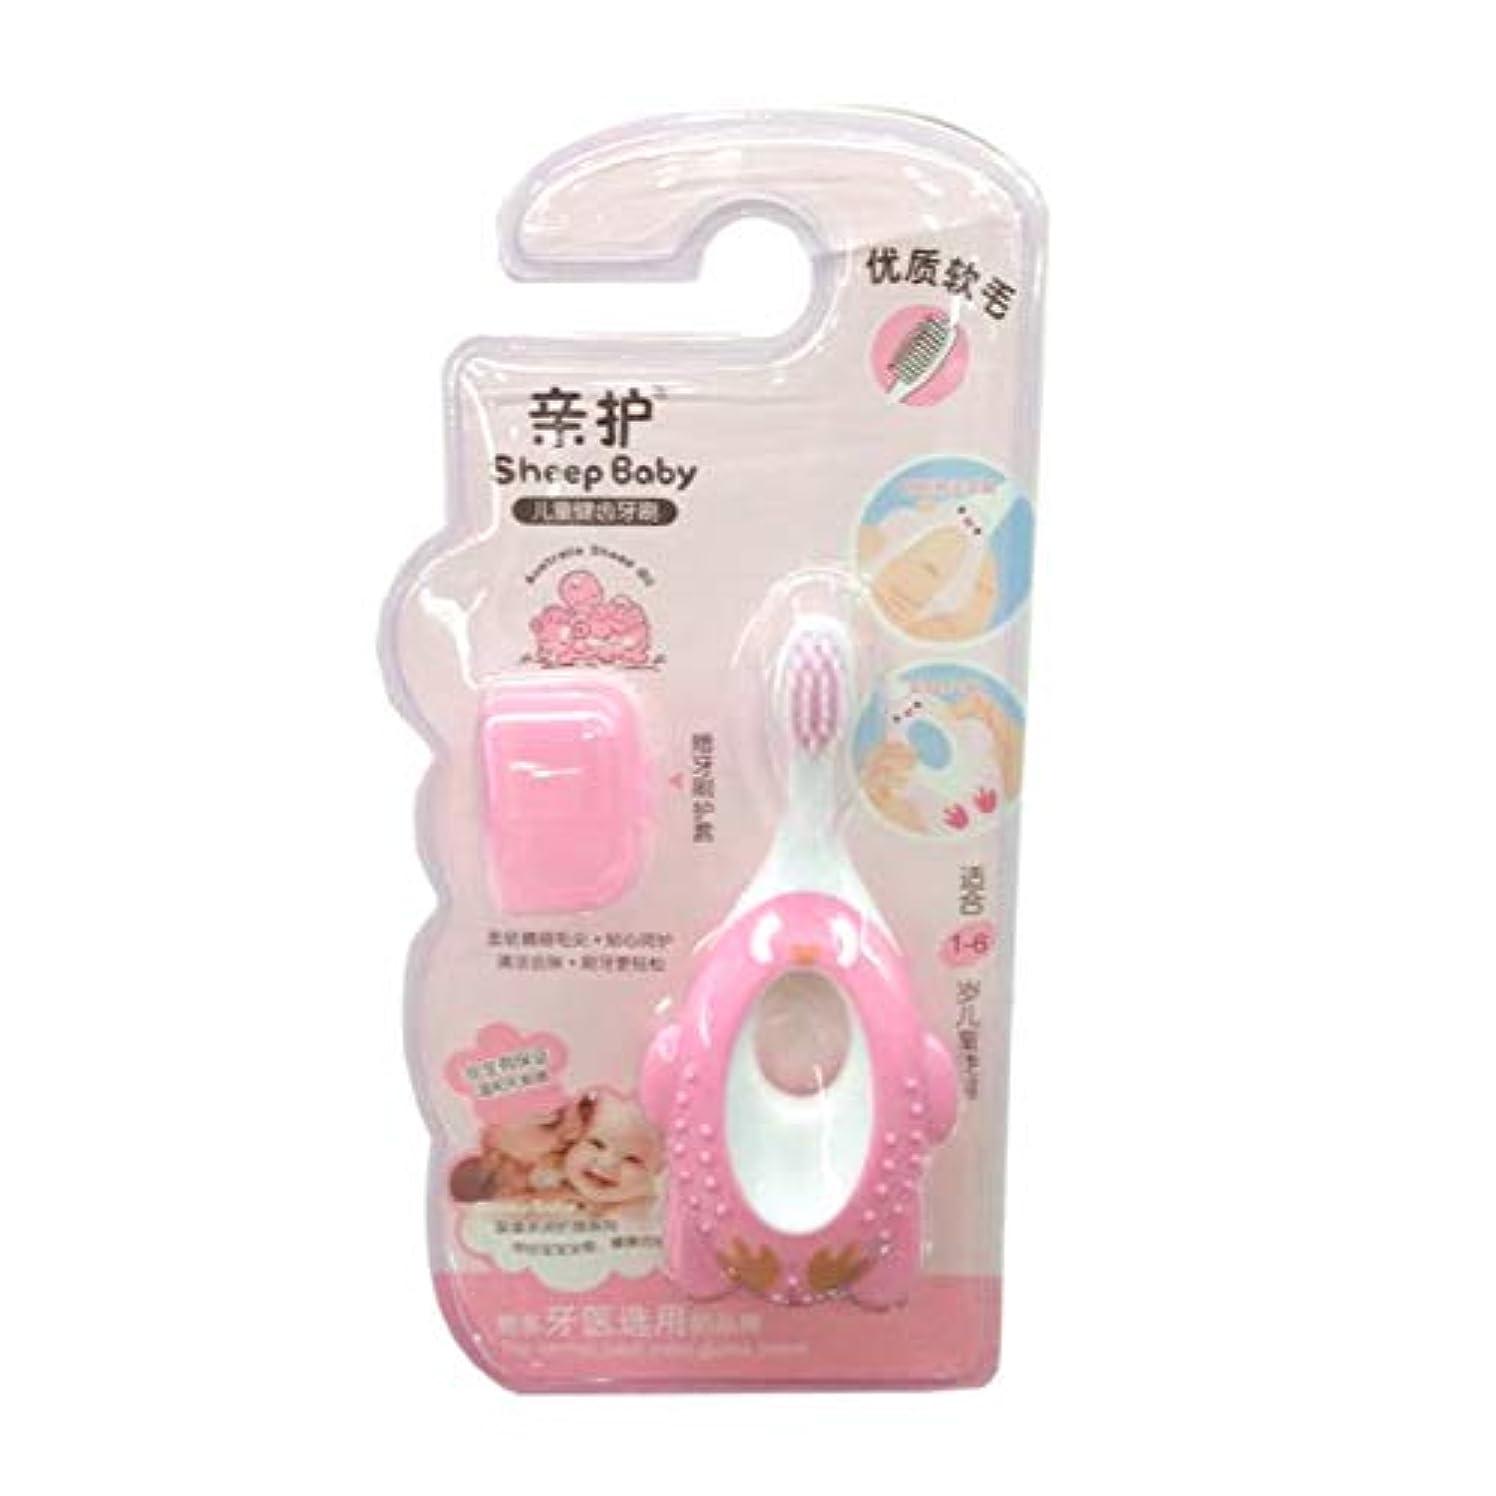 ゆり夜の動物園艦隊LORAER Qianer 赤ちゃん用品 子供 はじめて歯みがき 歯ブラシ 乳歯ブラシ キャップ付 柔らかい毛 磨きやすい 良い習慣 清潔 カートゥーン カワイイ 人気 出産祝い 誕生日 プレゼント 1~6才向け 2色(ピンク)